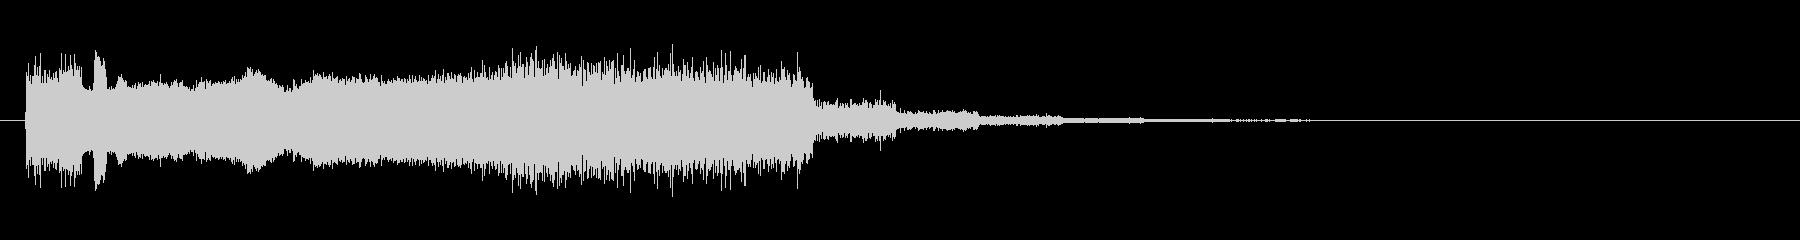 エレクトリックギター、「スクリーミ...の未再生の波形